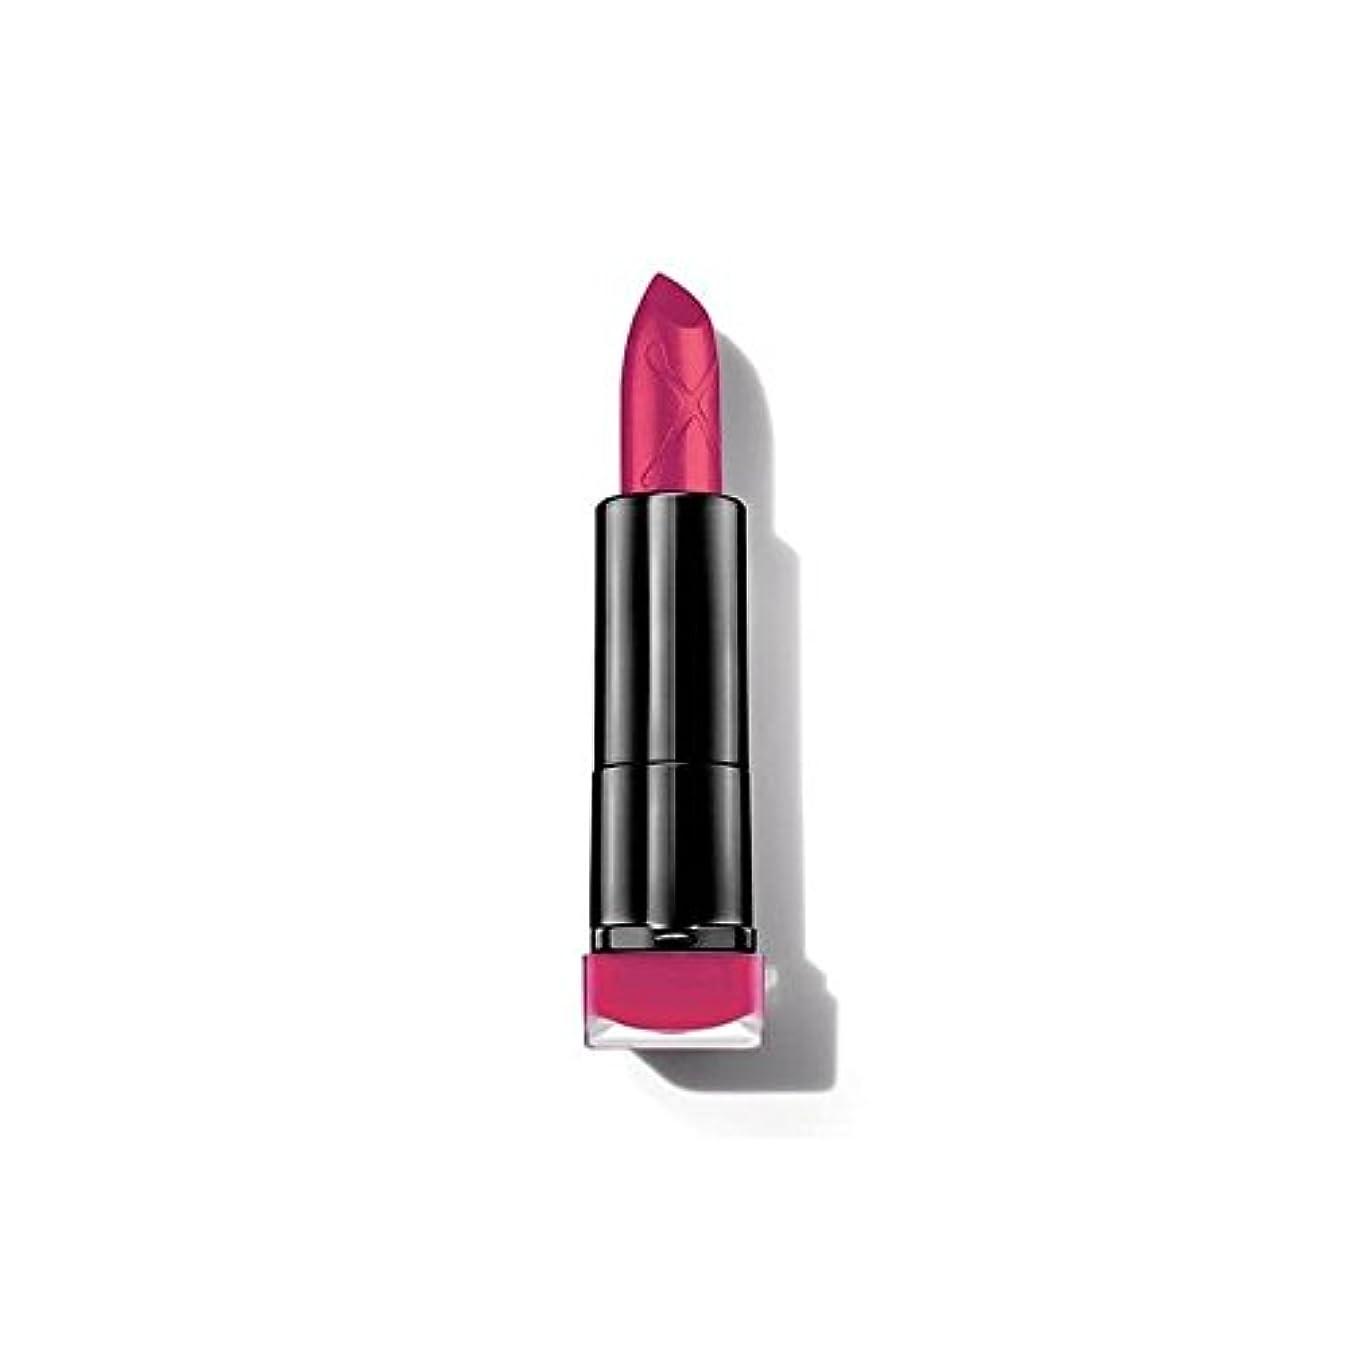 城グロー志すMax Factor Colour Elixir Matte Bullet Lipstick Blush 25 - マックスファクターカラーエリキシルマット弾丸口紅赤面25 [並行輸入品]